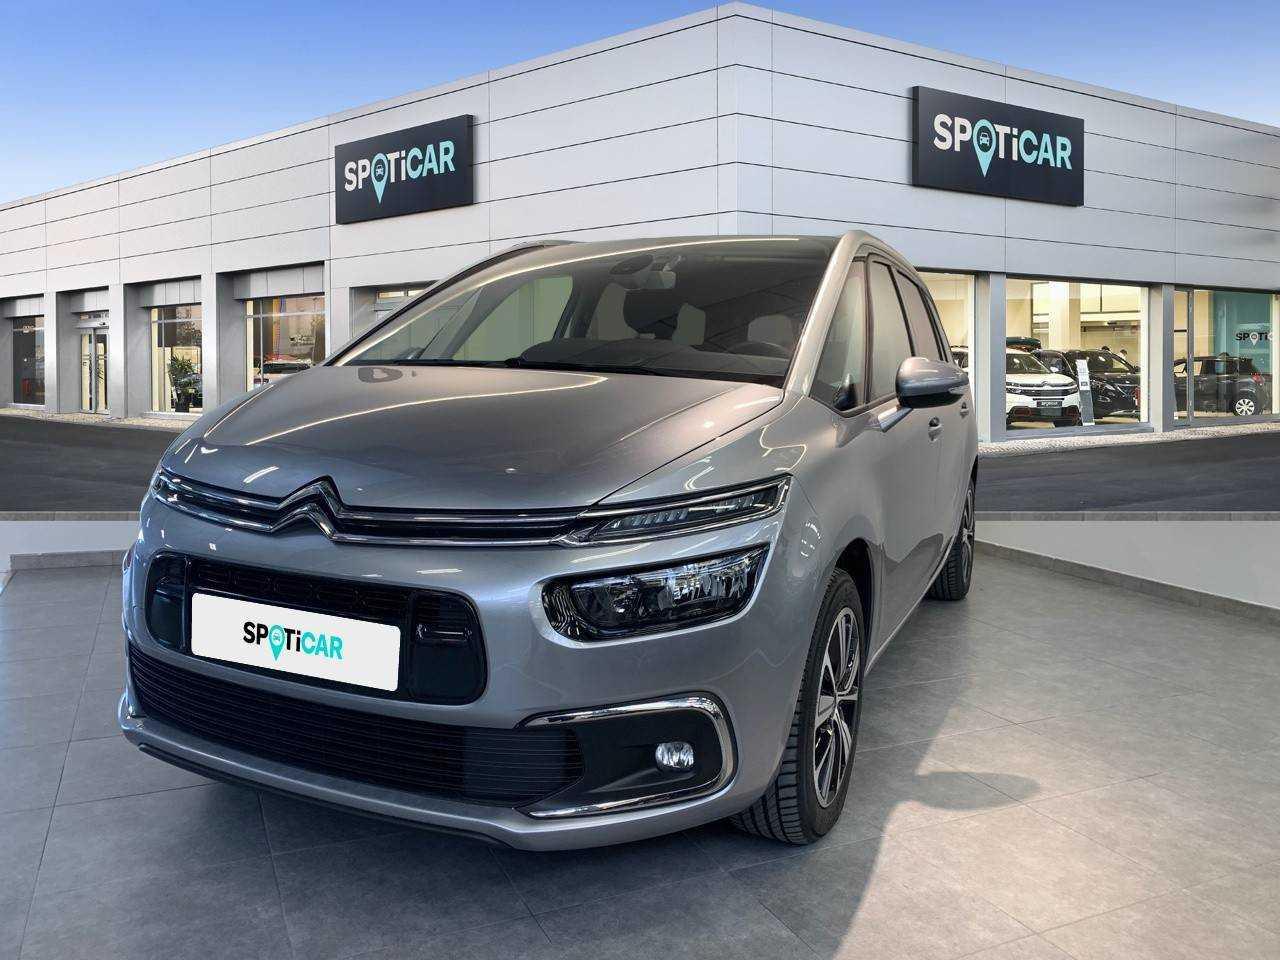 Citroën Grand C4 Picasso ocasión segunda mano 2018 Diésel por 16.975€ en Zaragoza